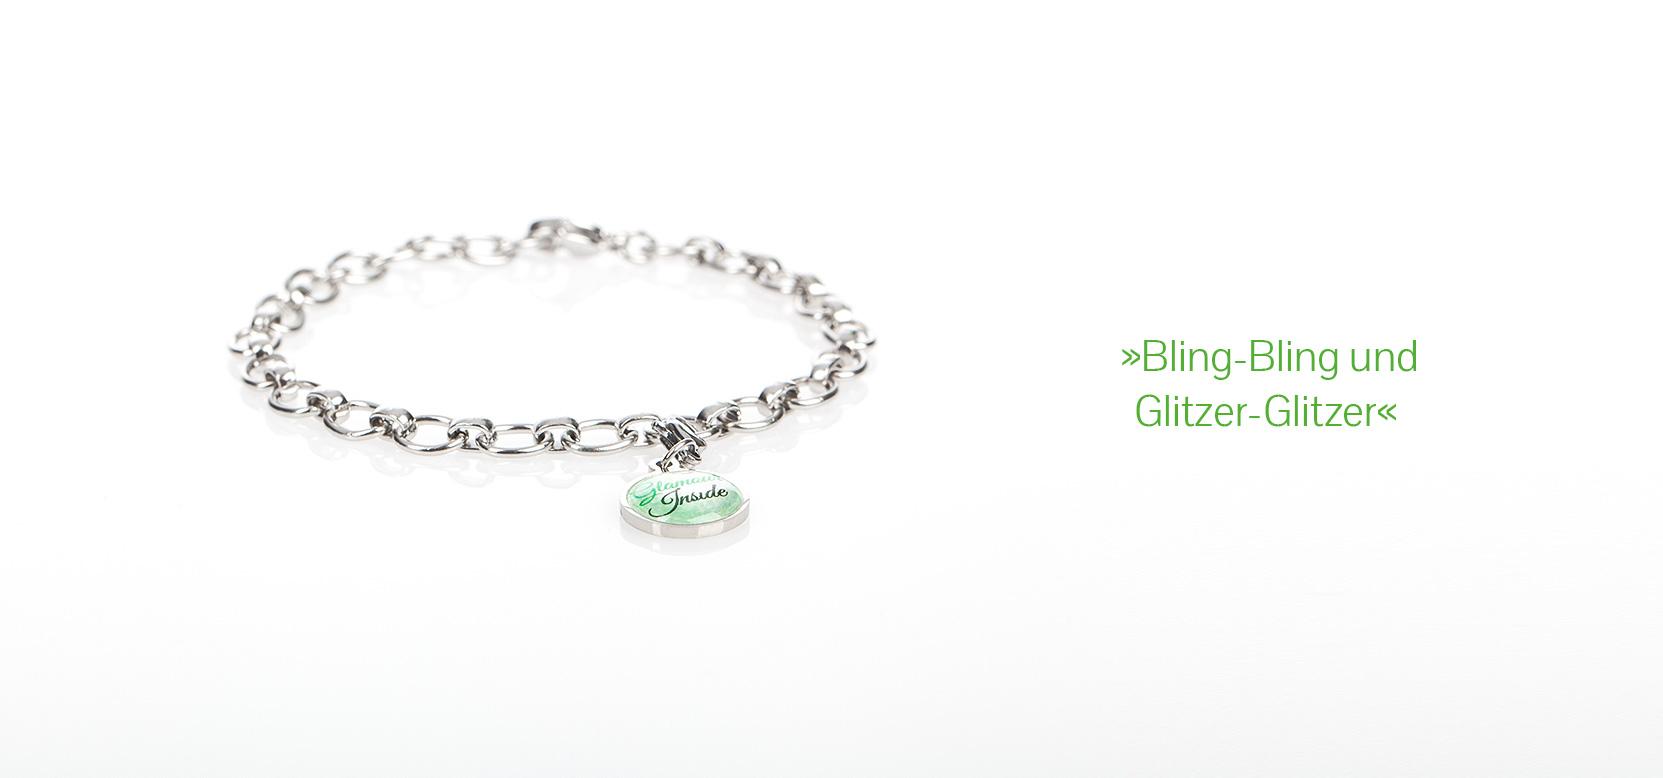 Exklusive-Schmuck-Armband-Werbegeschenke